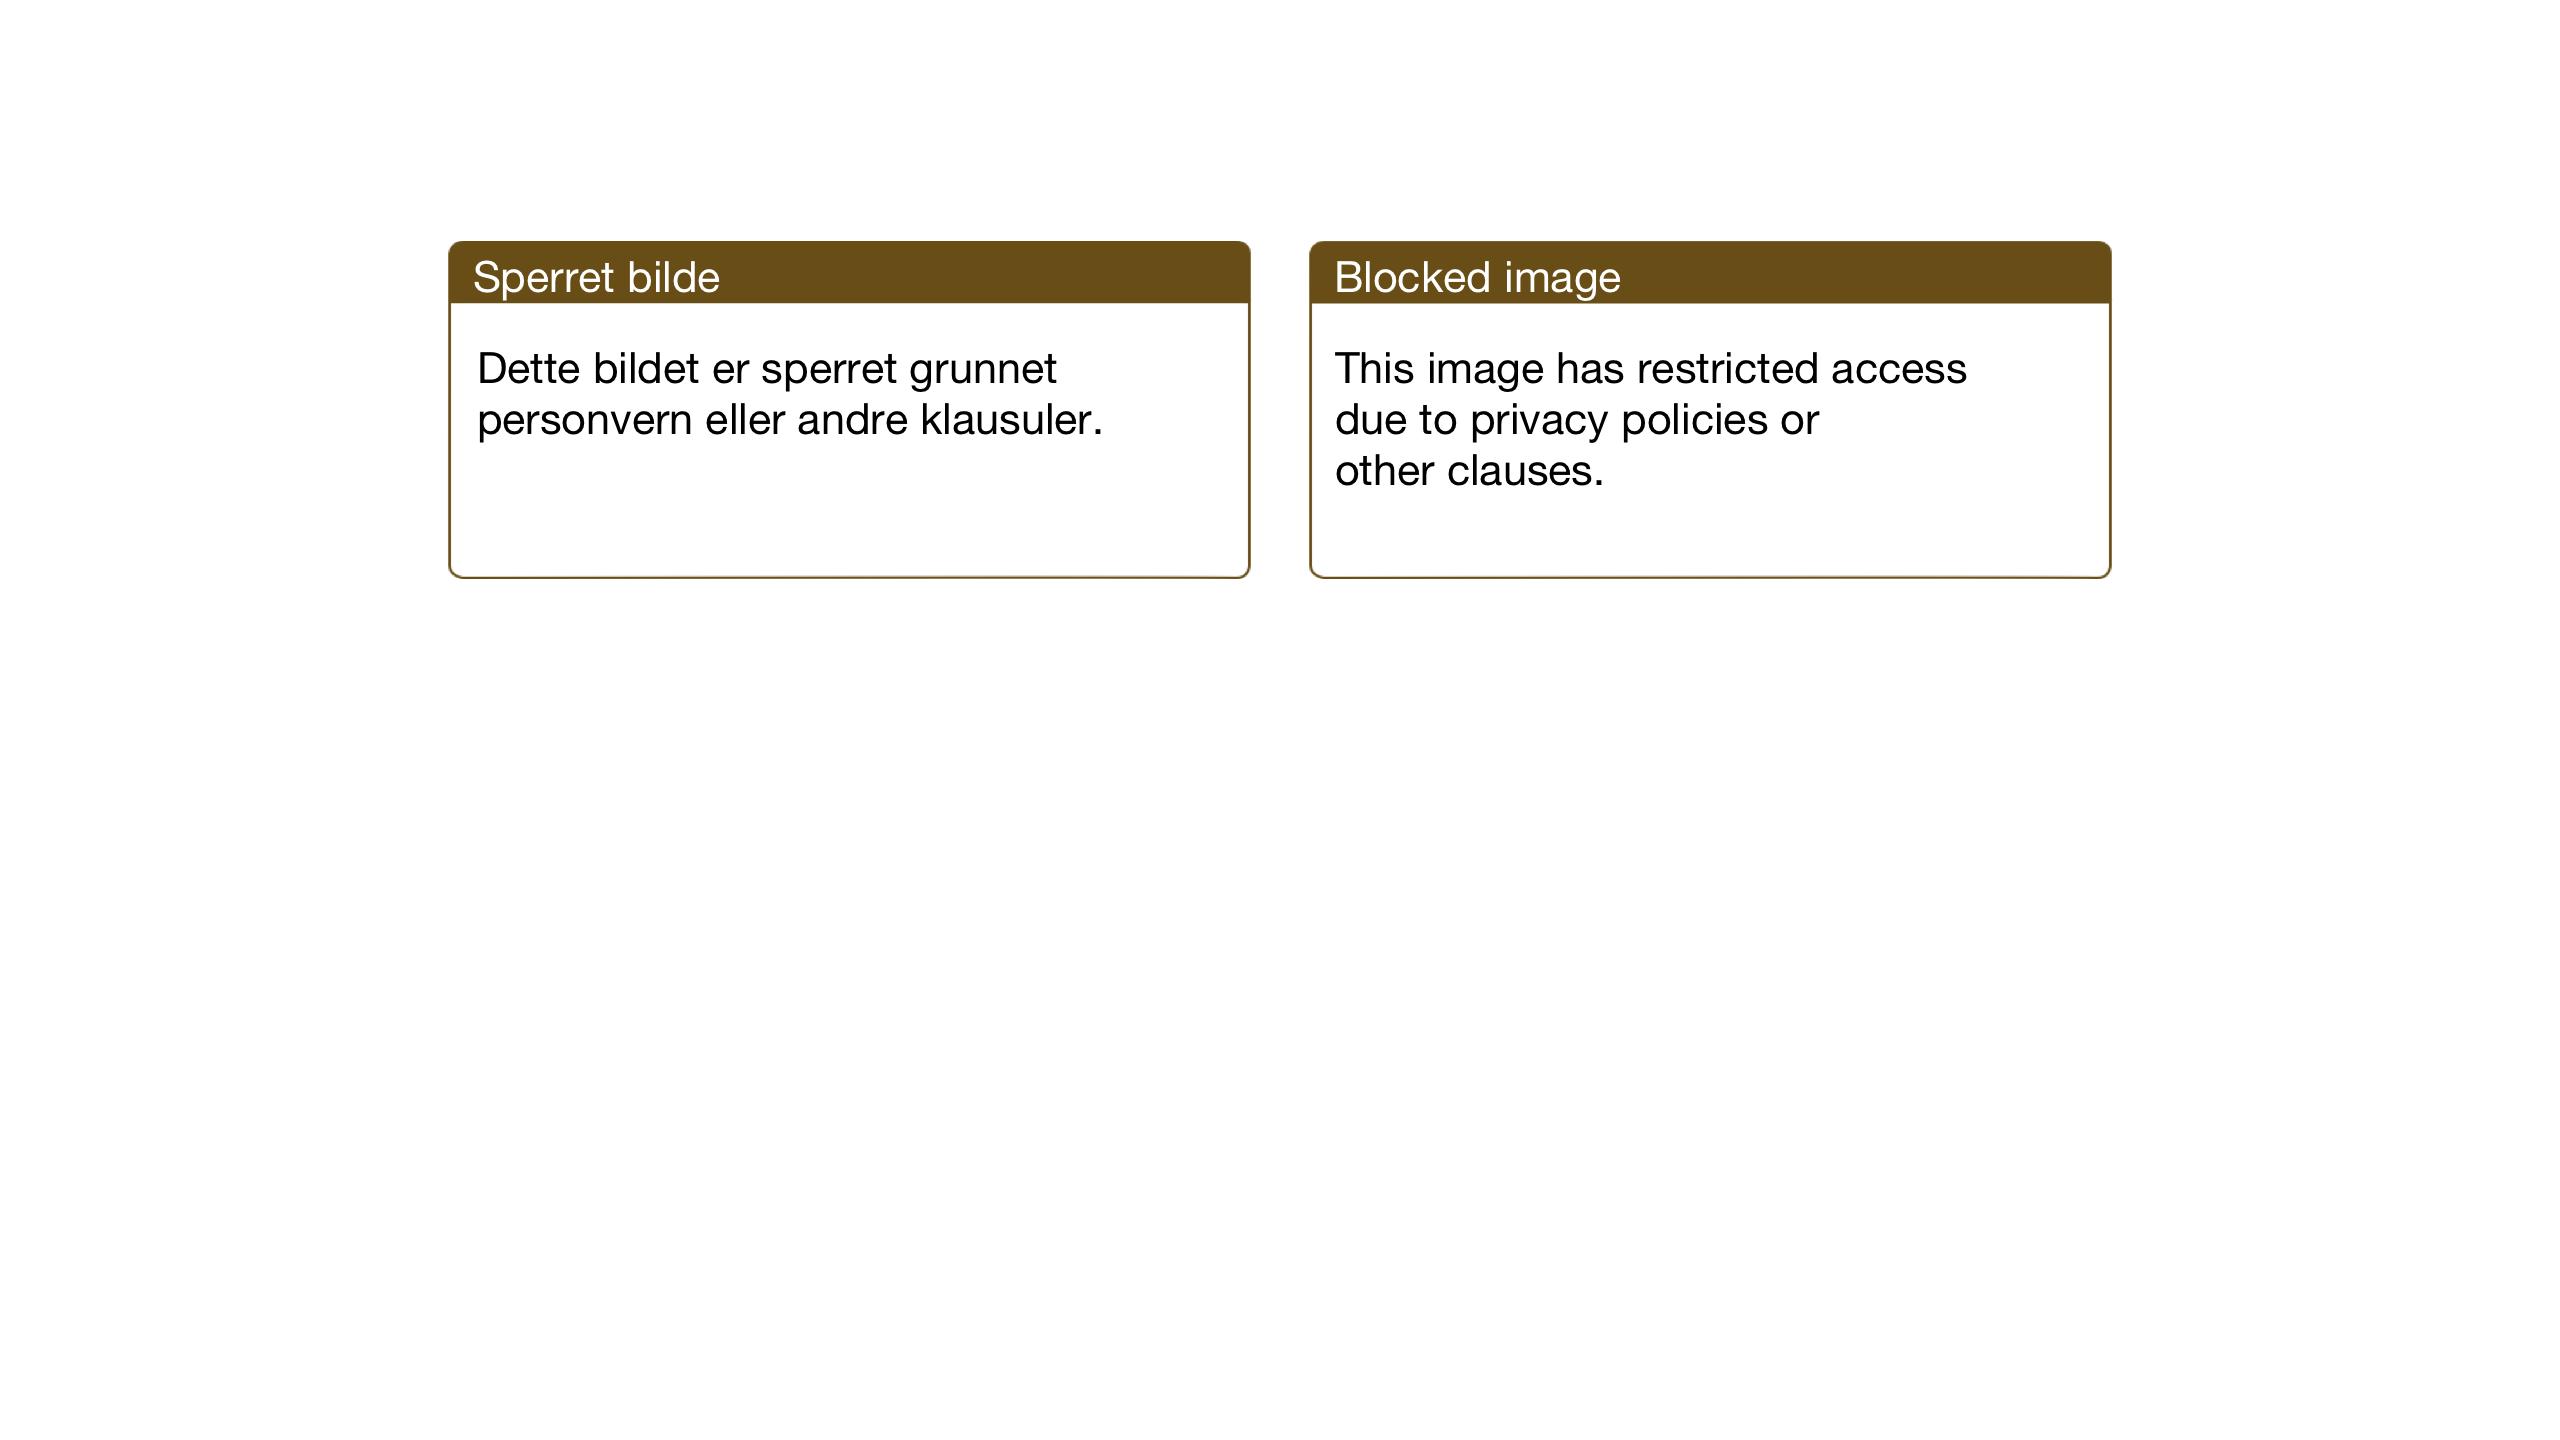 SAT, Ministerialprotokoller, klokkerbøker og fødselsregistre - Sør-Trøndelag, 633/L0521: Klokkerbok nr. 633C03, 1921-1941, s. 48